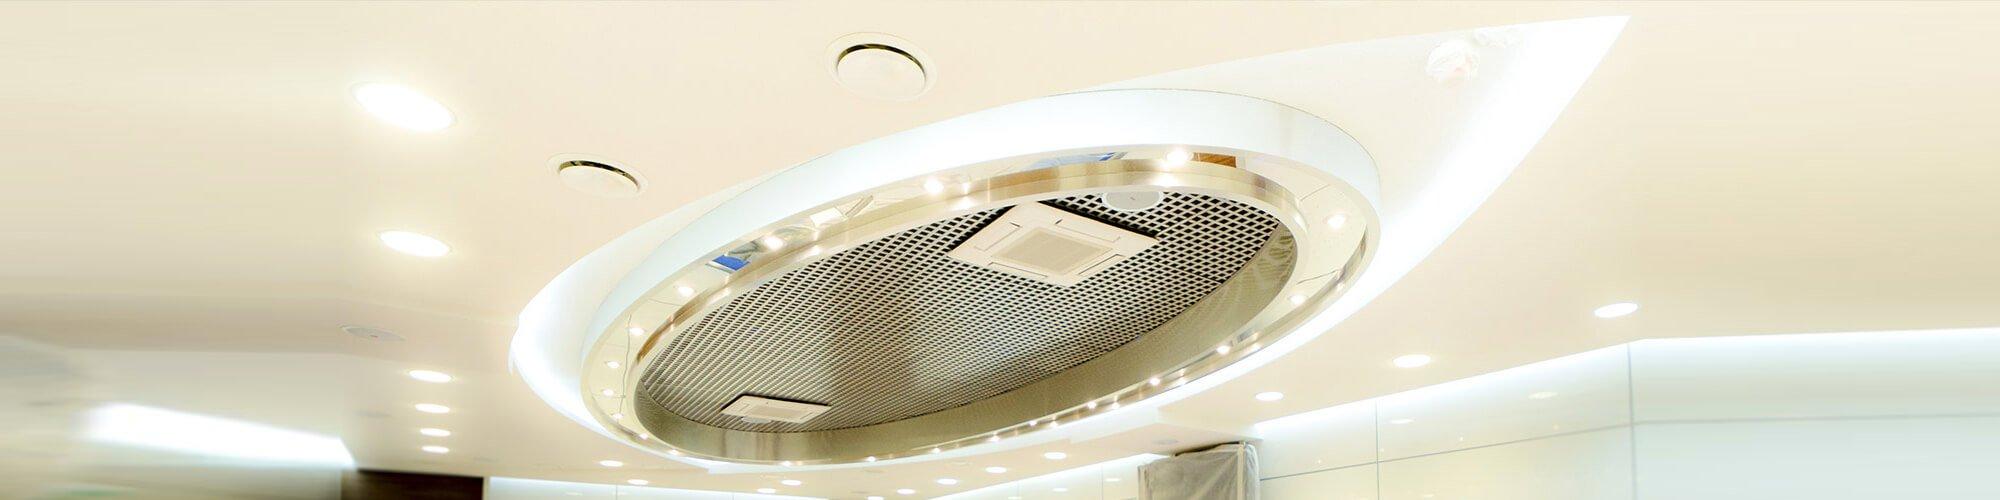 Проектирование, изготовление и монтаж интерьерного светильника по эскизам заказчика.